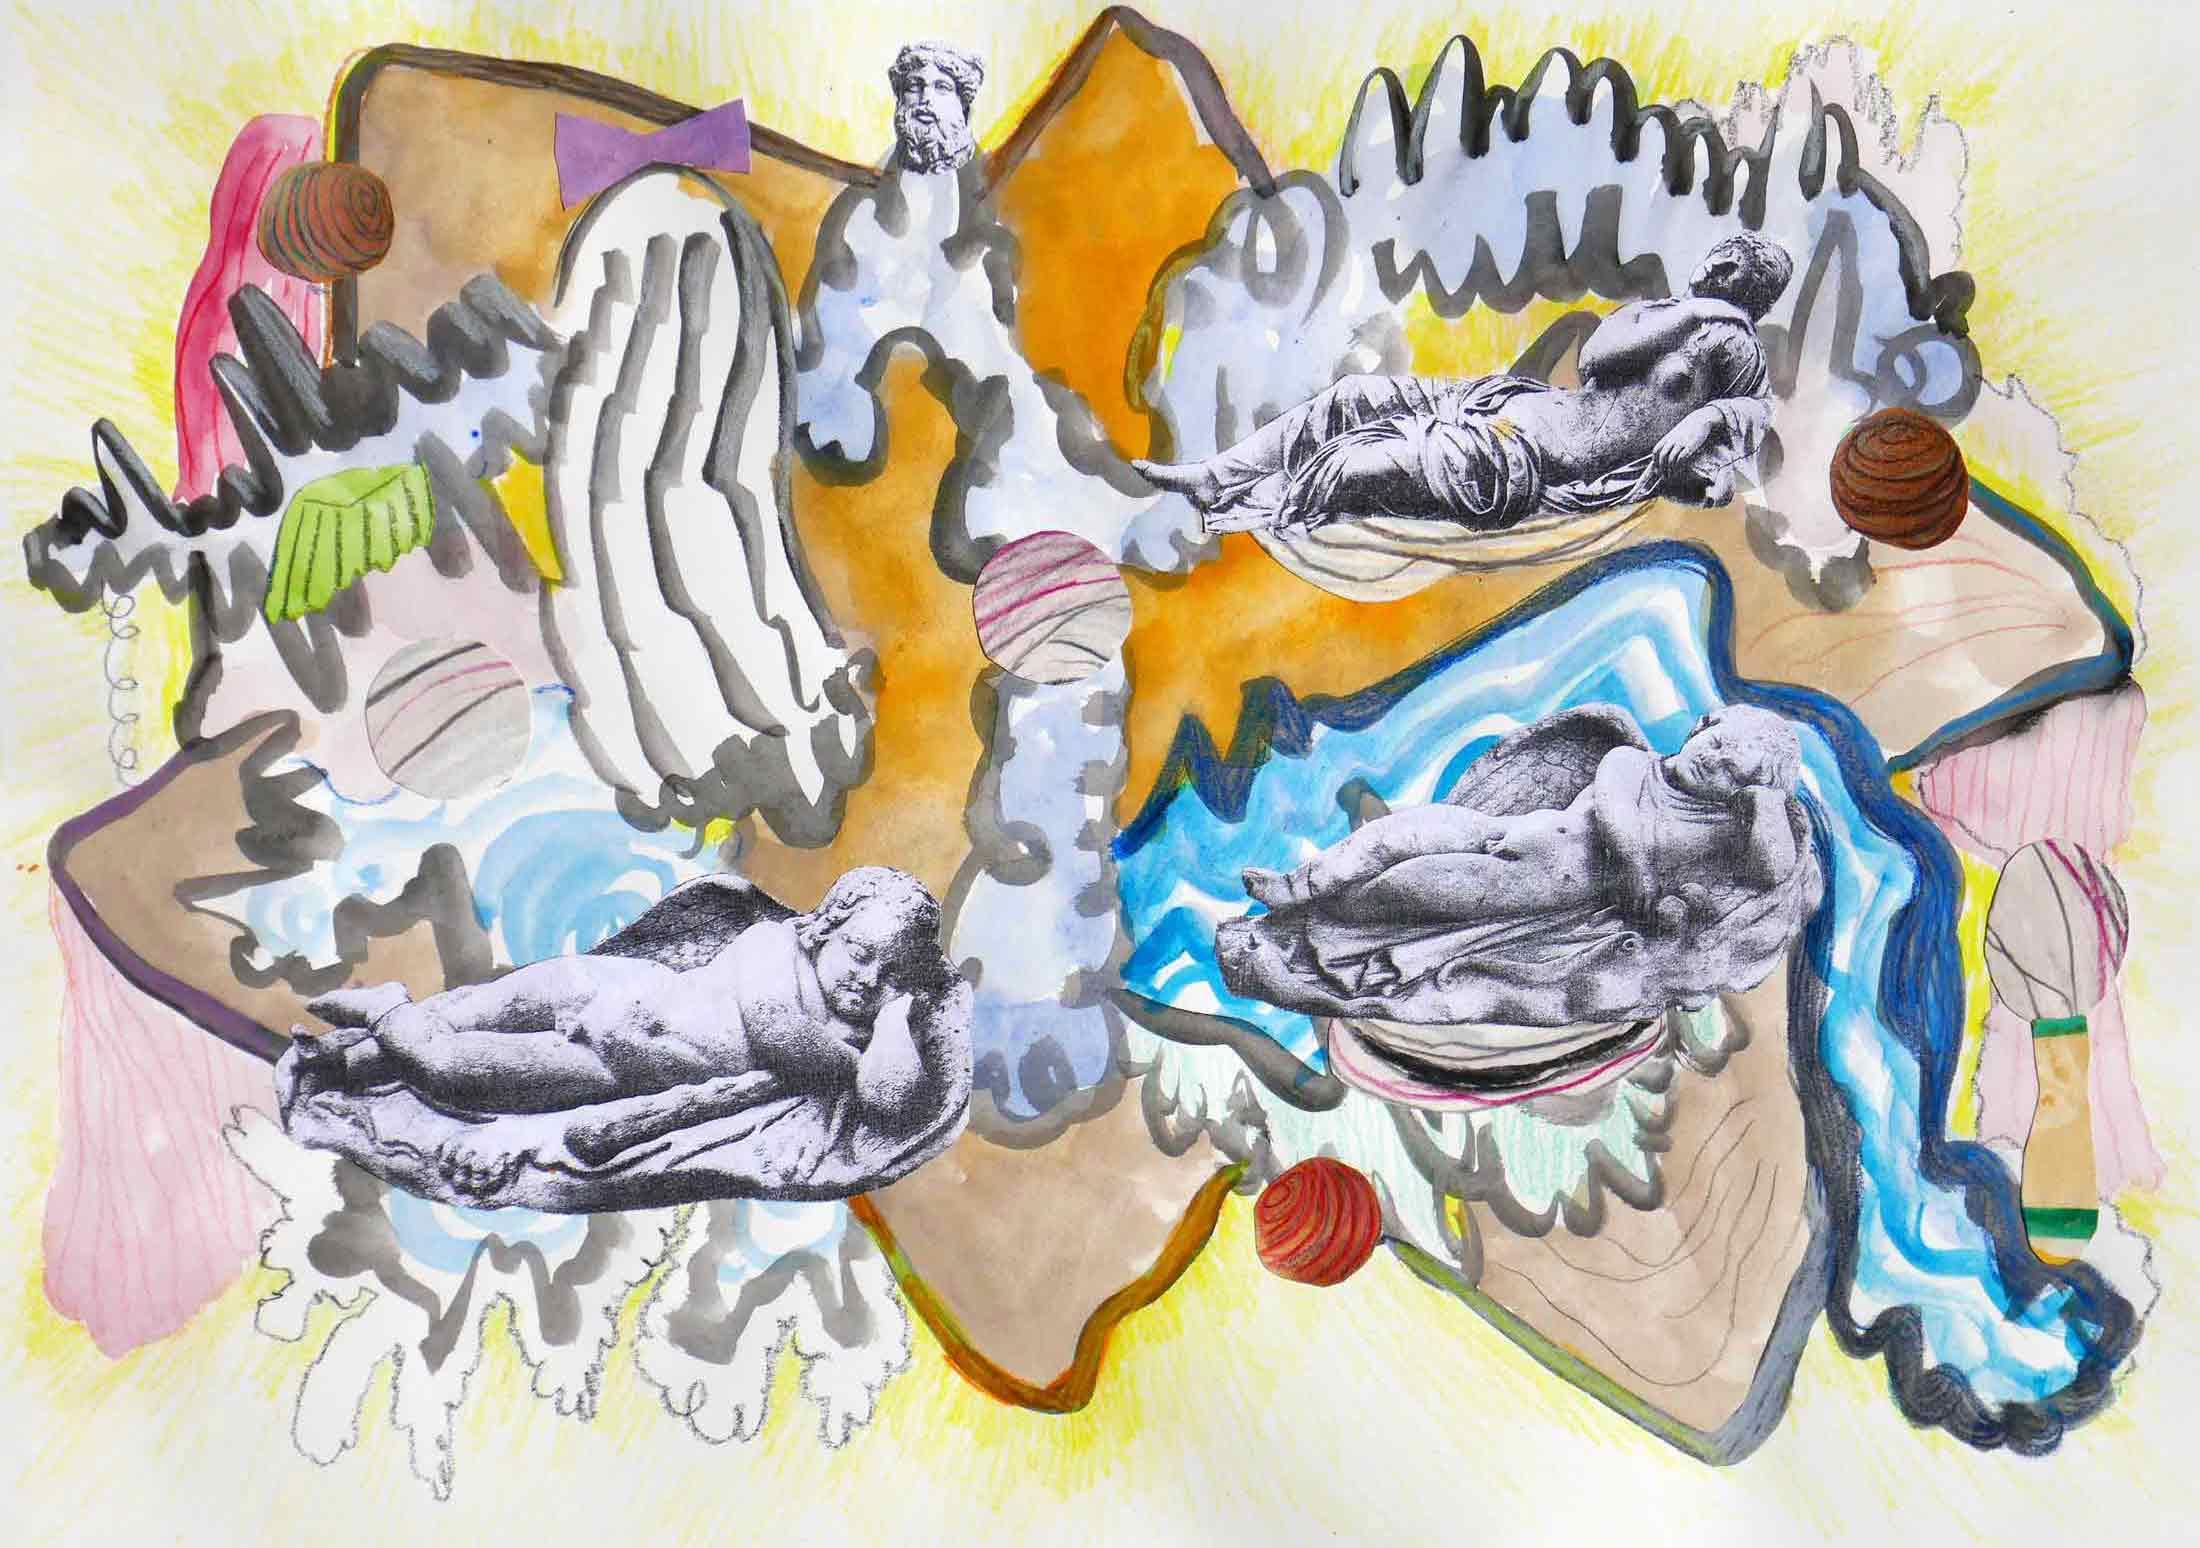 Ruïnes (Ruins)  collage; potlood, fotokopieën, aquarel, gouache 29 x 42 cm, 2018